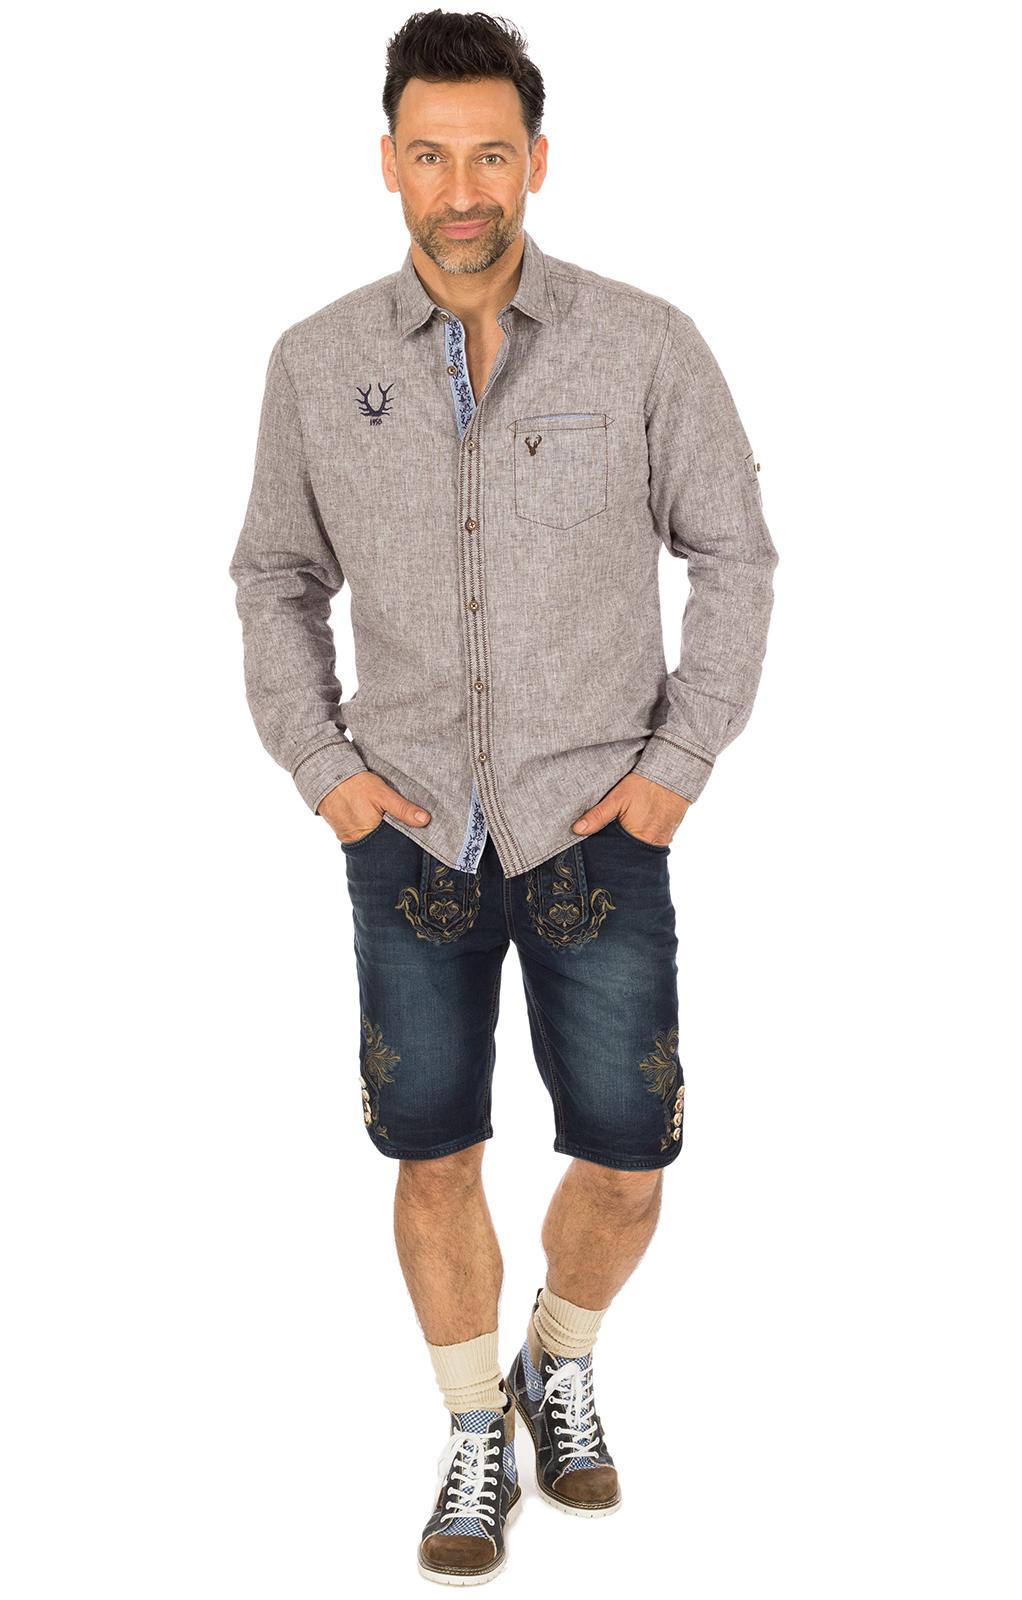 weitere Bilder von Trachtenhemd LUIS Baumwolle braun